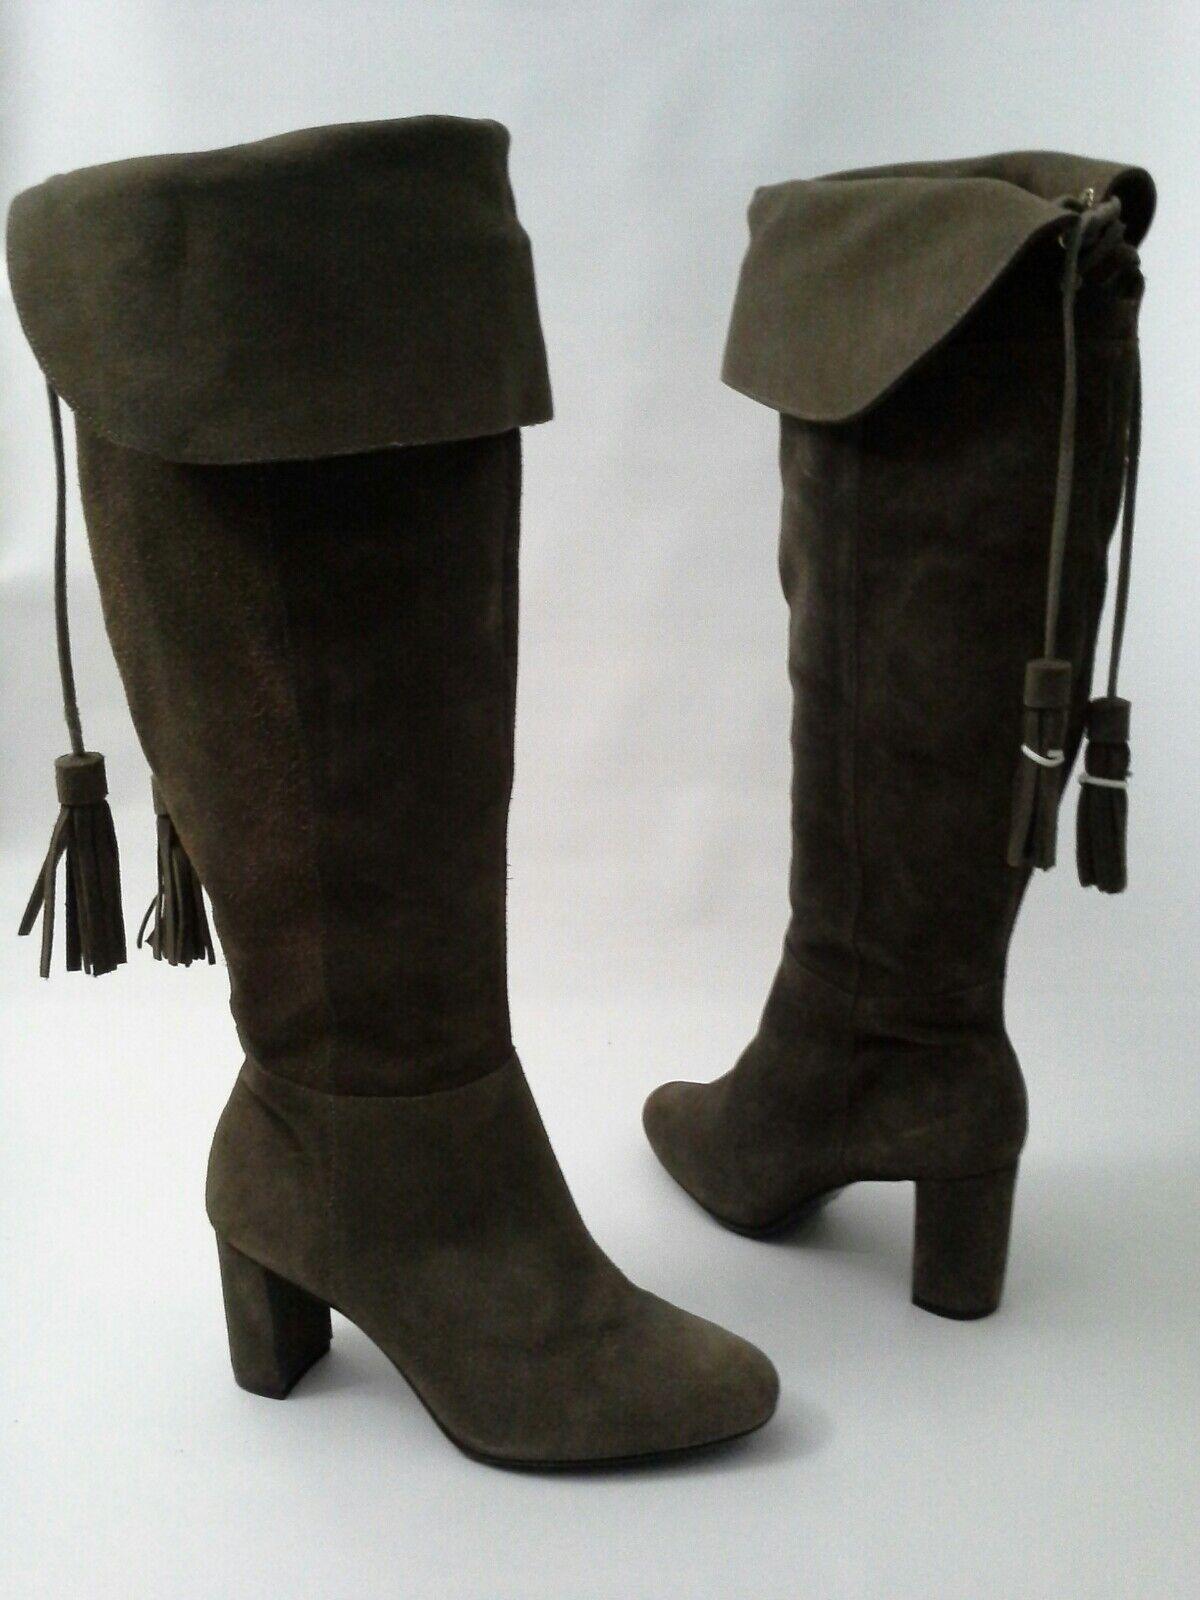 Anthropologie Bella Tassel Boot Heel Suede by by by Klub Nico 6 US 37 EUR Brown   245 c7c534